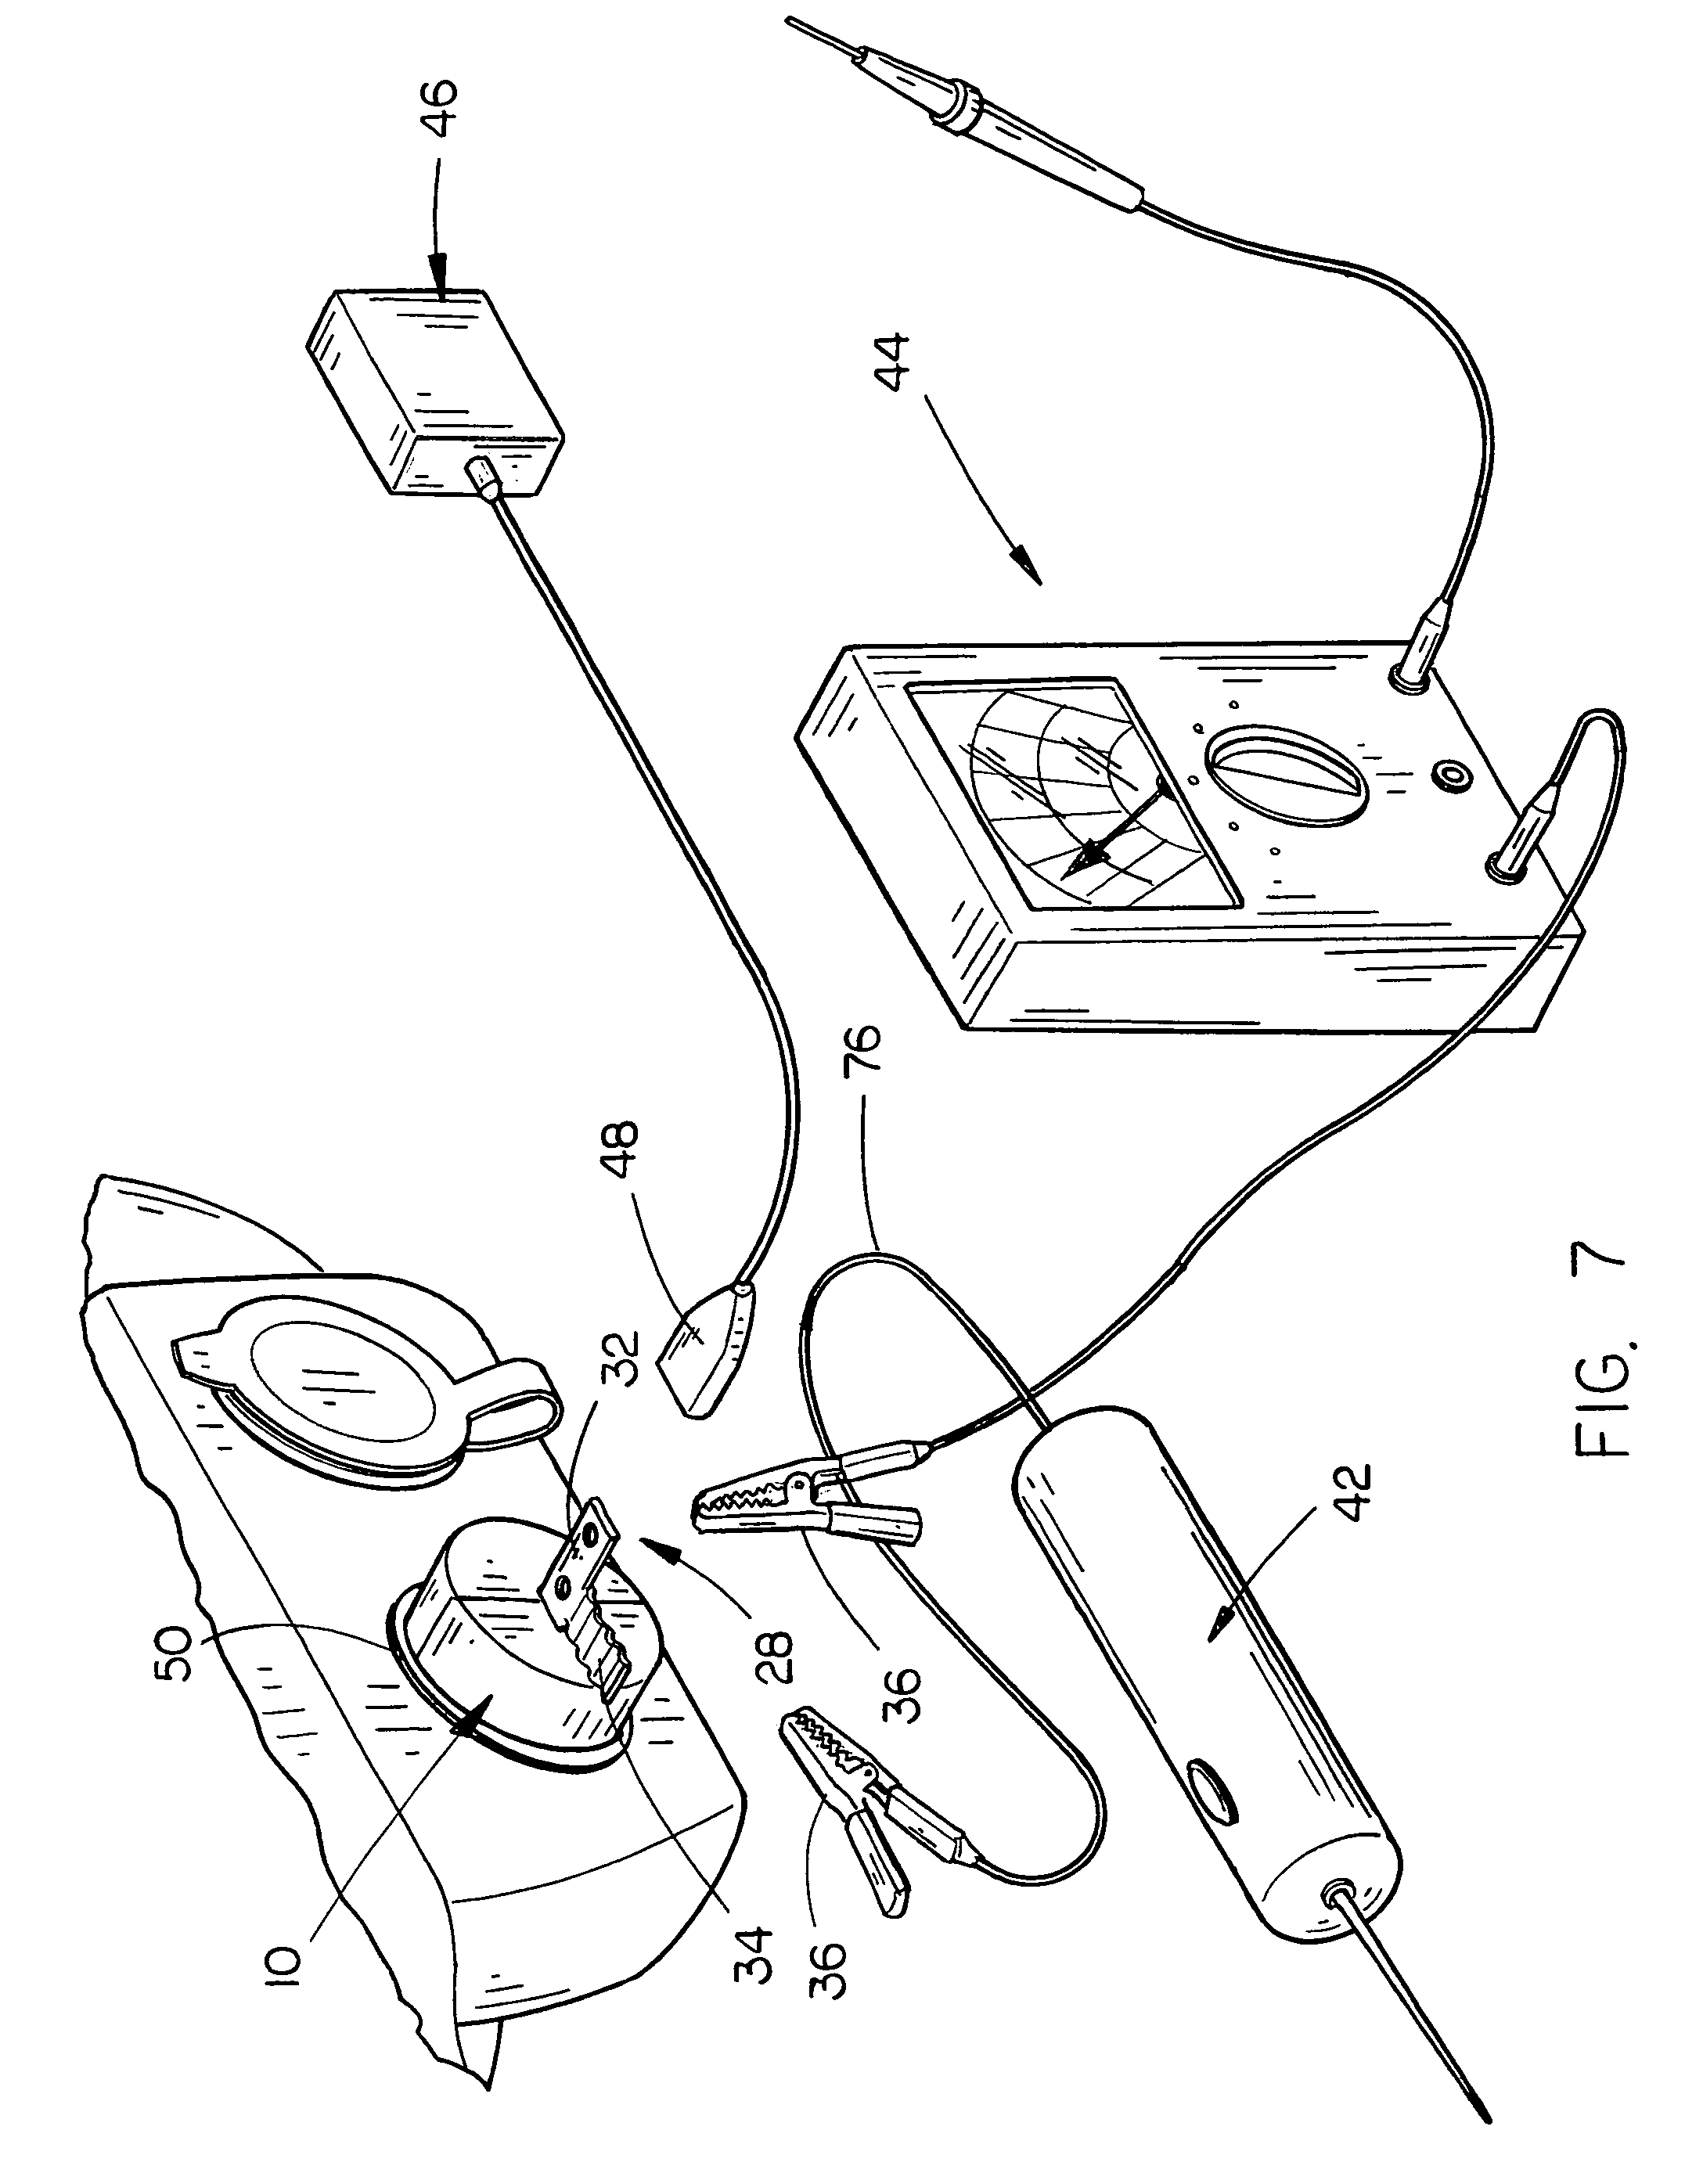 patent us7238058 - grounding plug